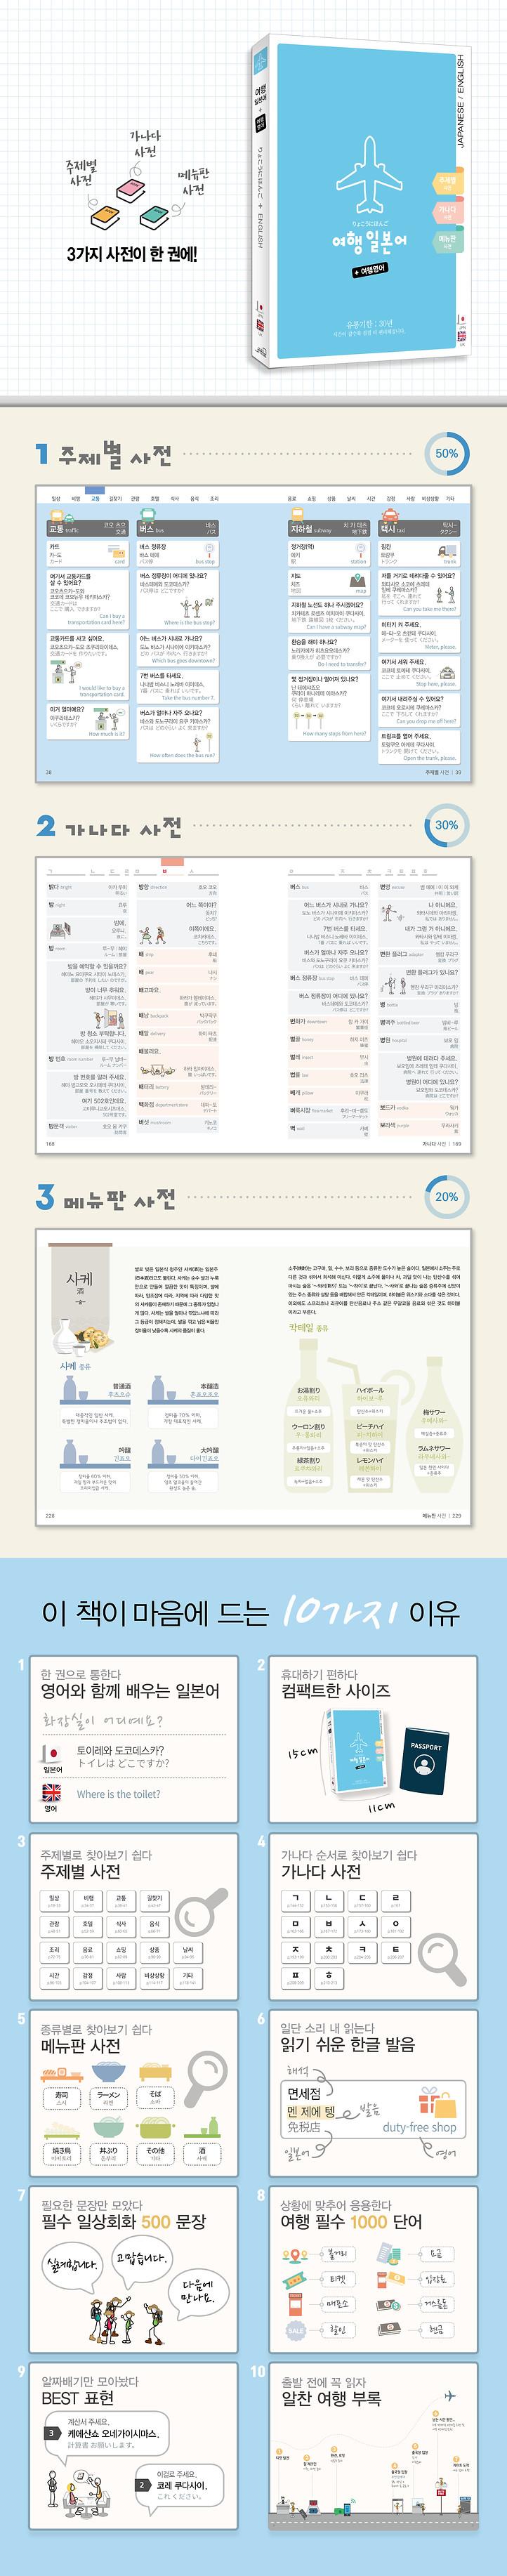 [광고]여행일본어_상세페이지_0920.jpg